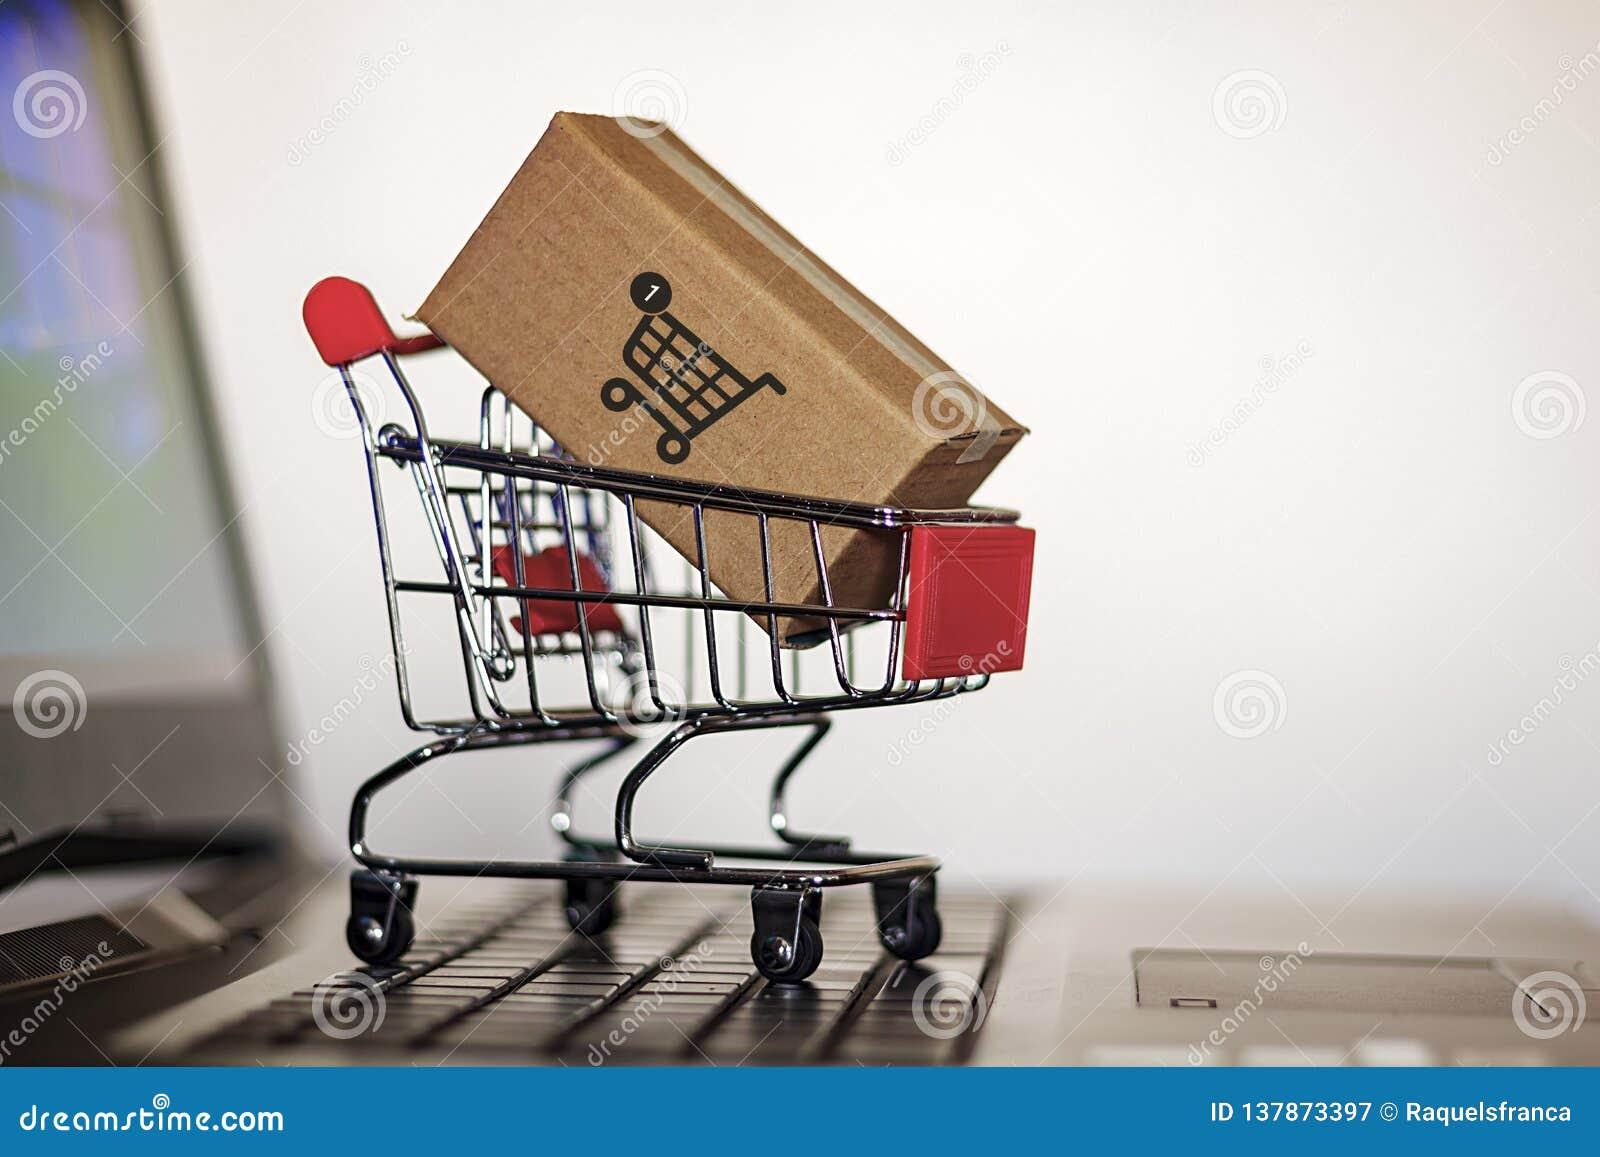 Troley с коробкой на клавиатуре компьютера Онлайн покупки, электронная коммерция и всемирная грузя концепция